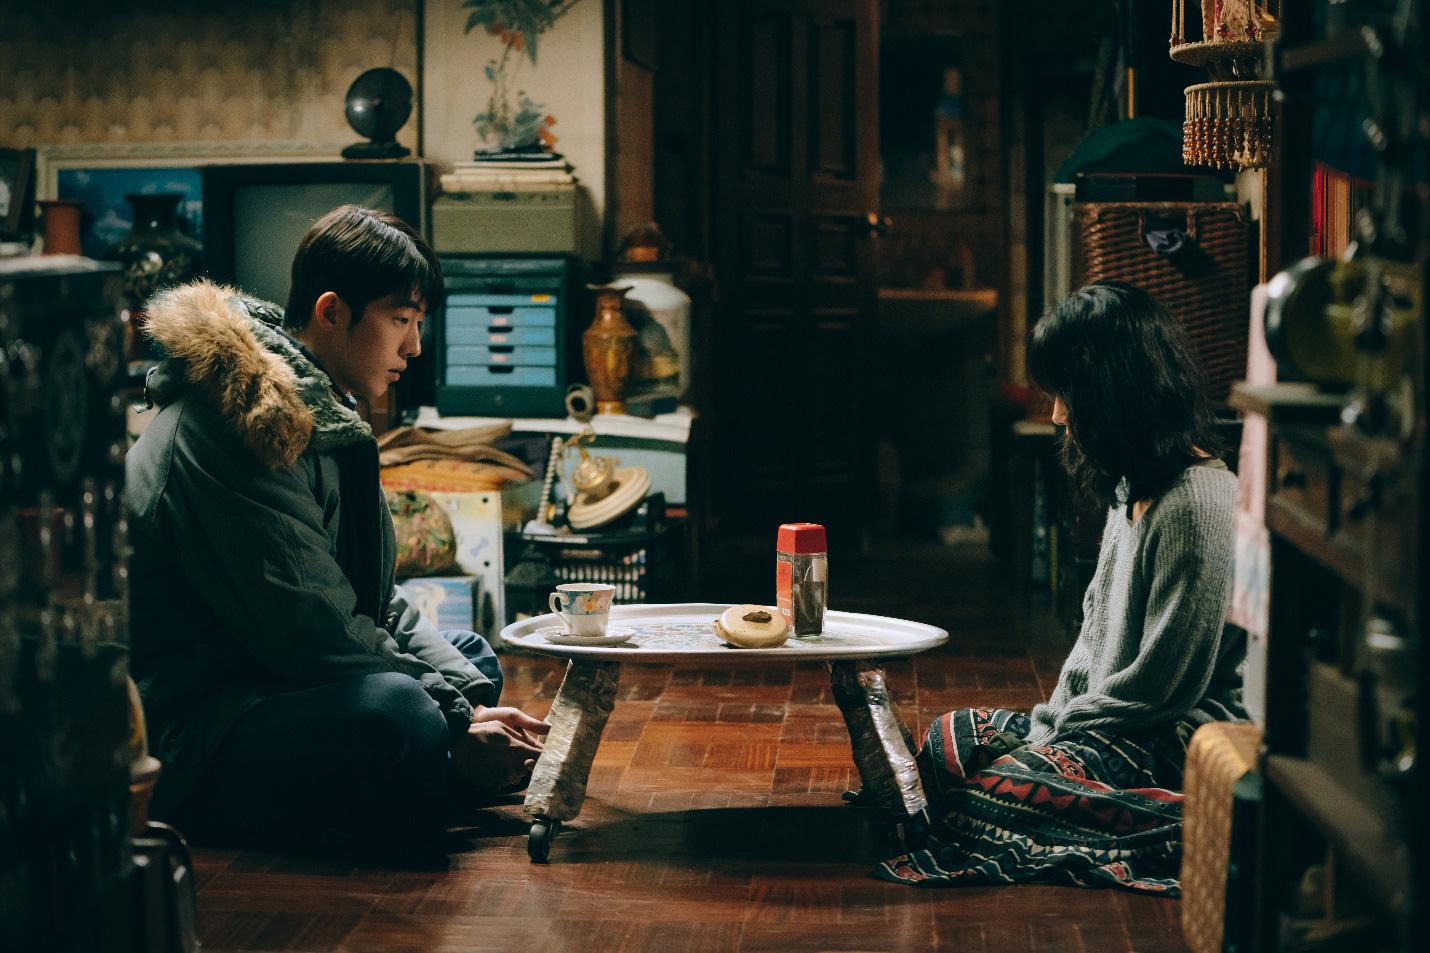 """Có những mối tình như """"Josée, Nàng Thơ Của Tôi"""": Là những ngày đẹp nhất cuộc đời và cũng chẳng thể nào quên - Ảnh 3."""